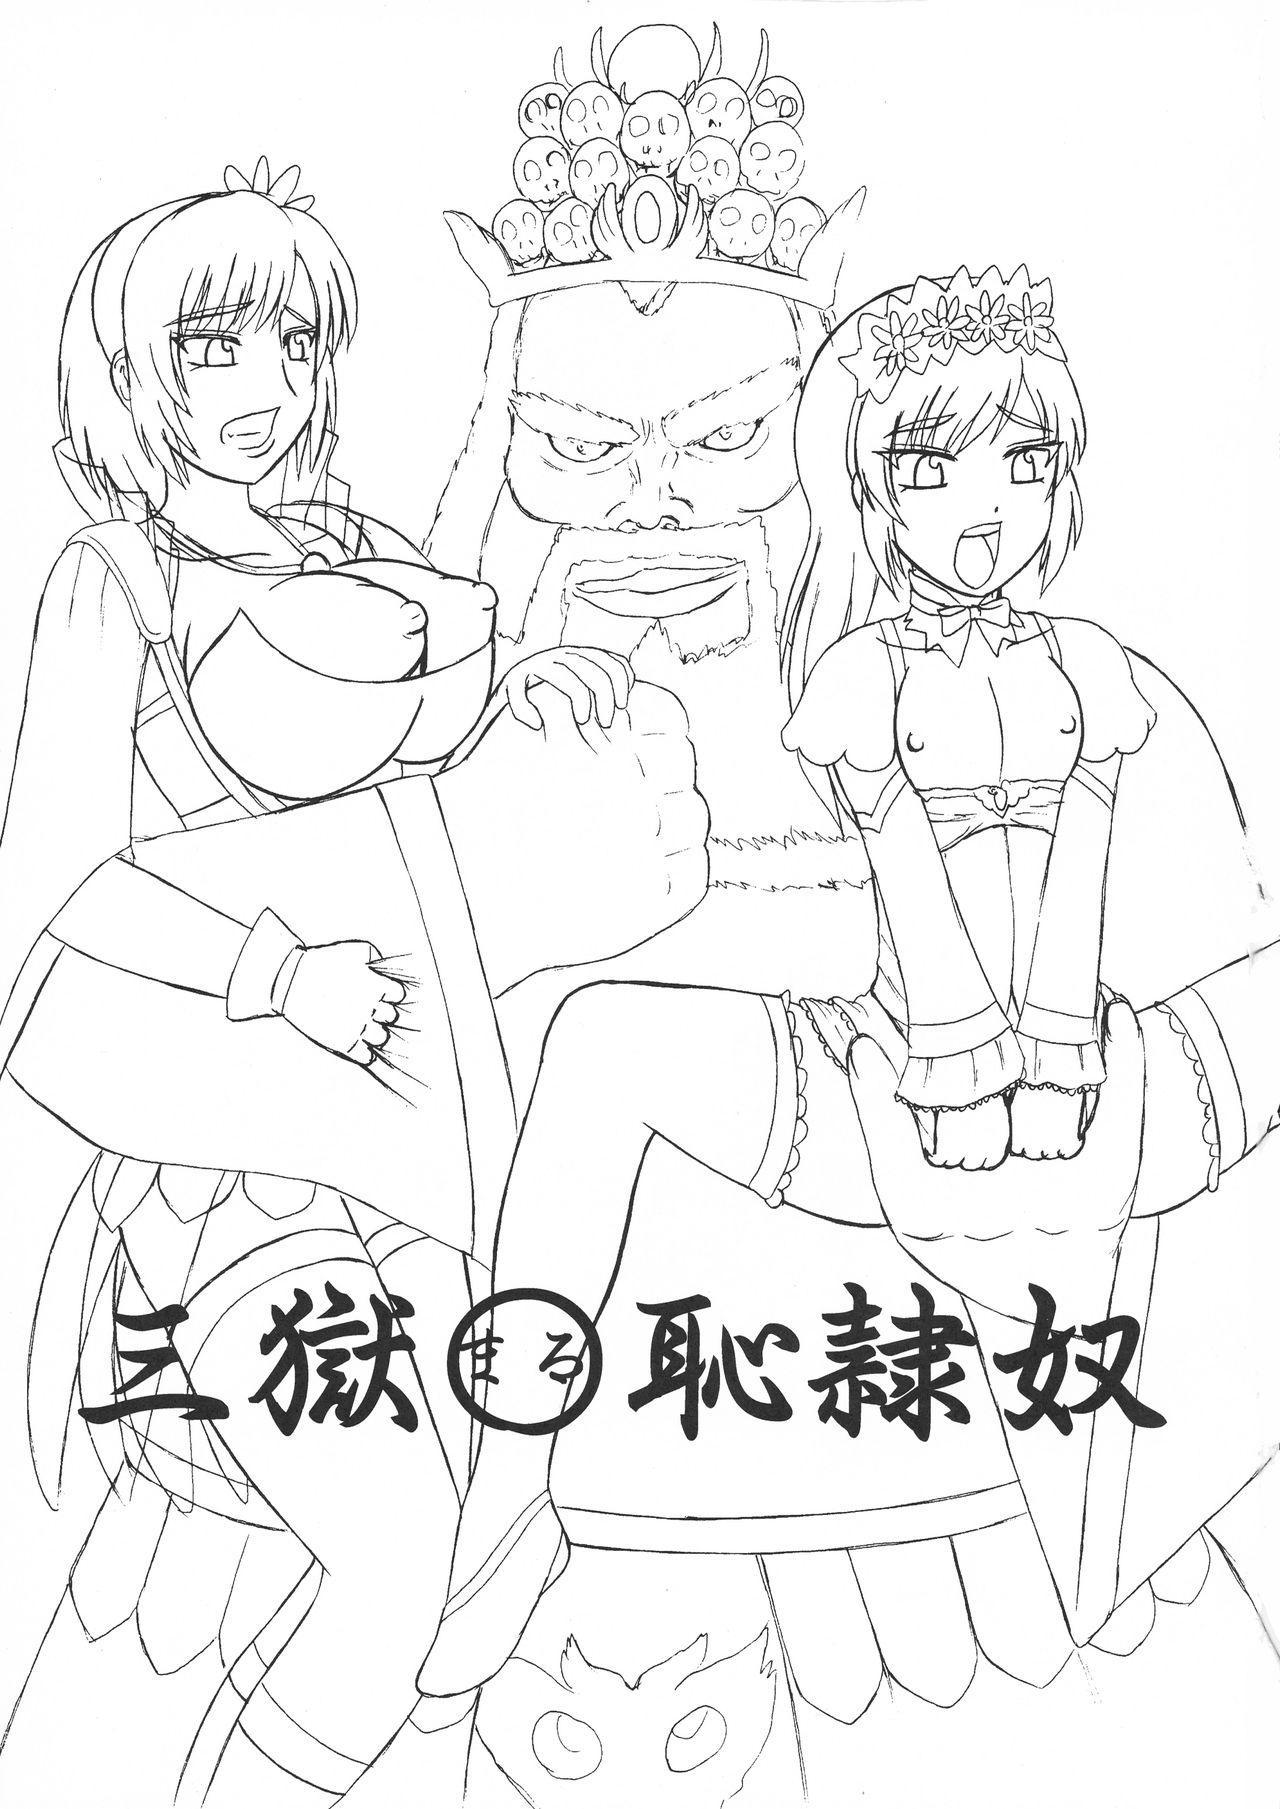 三獄○恥隷奴 2